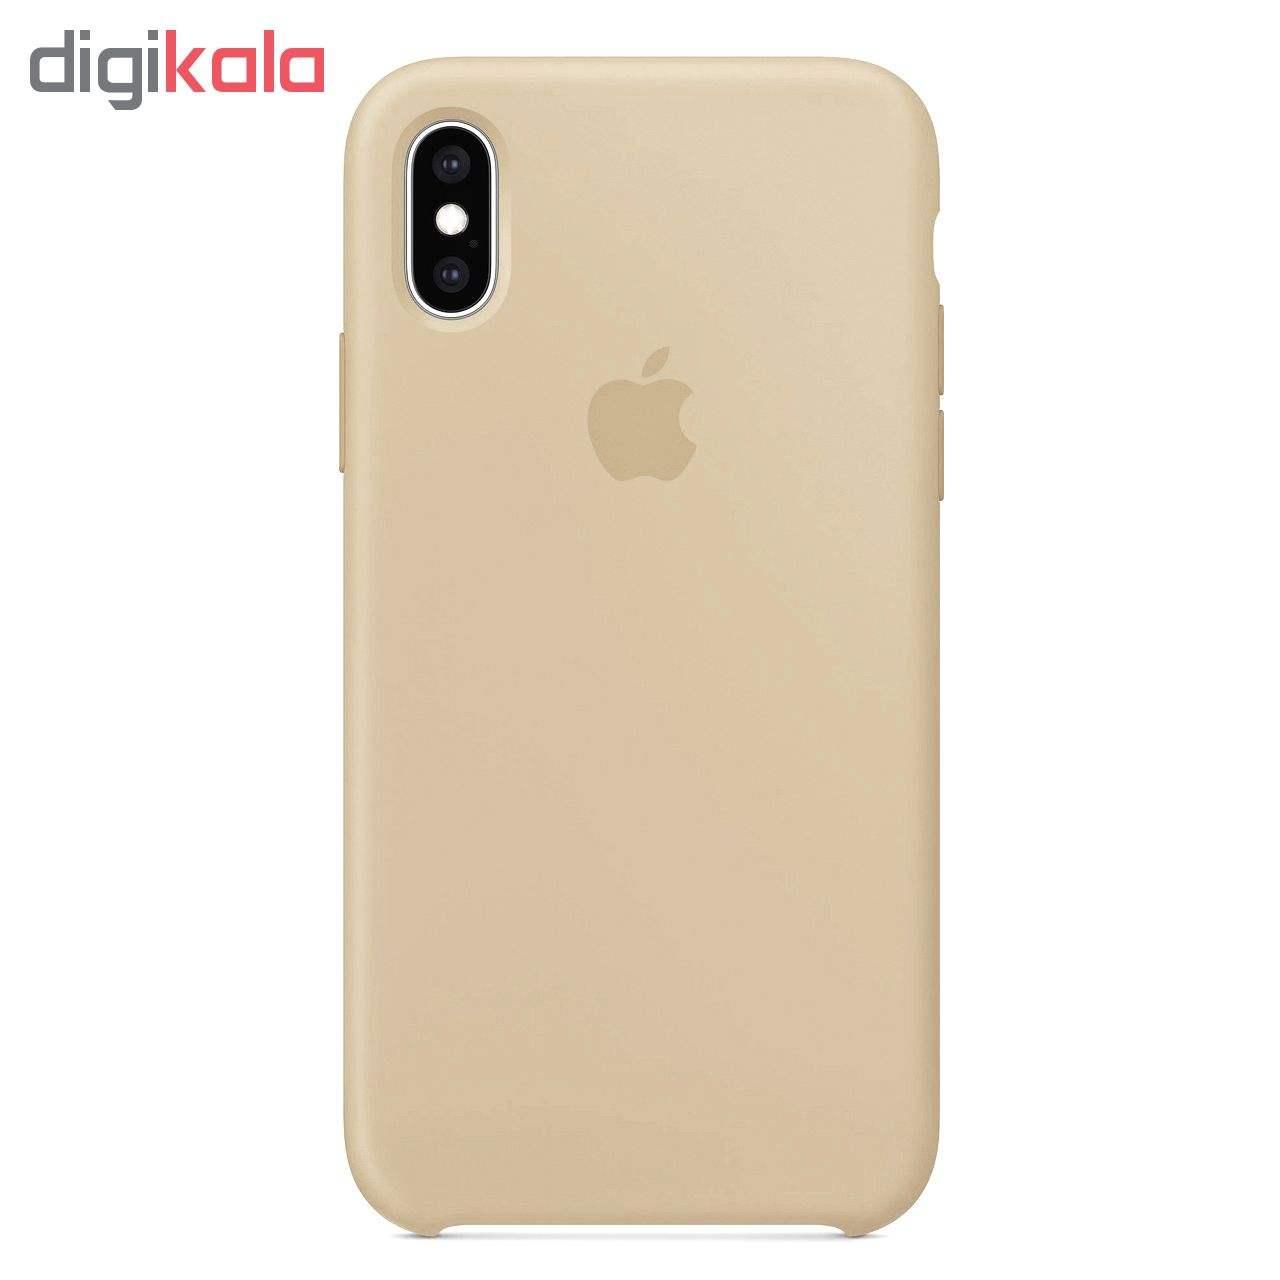 کاور مدل sili003 مناسب برای گوشی موبایل اپل Iphone X / XS thumb 10